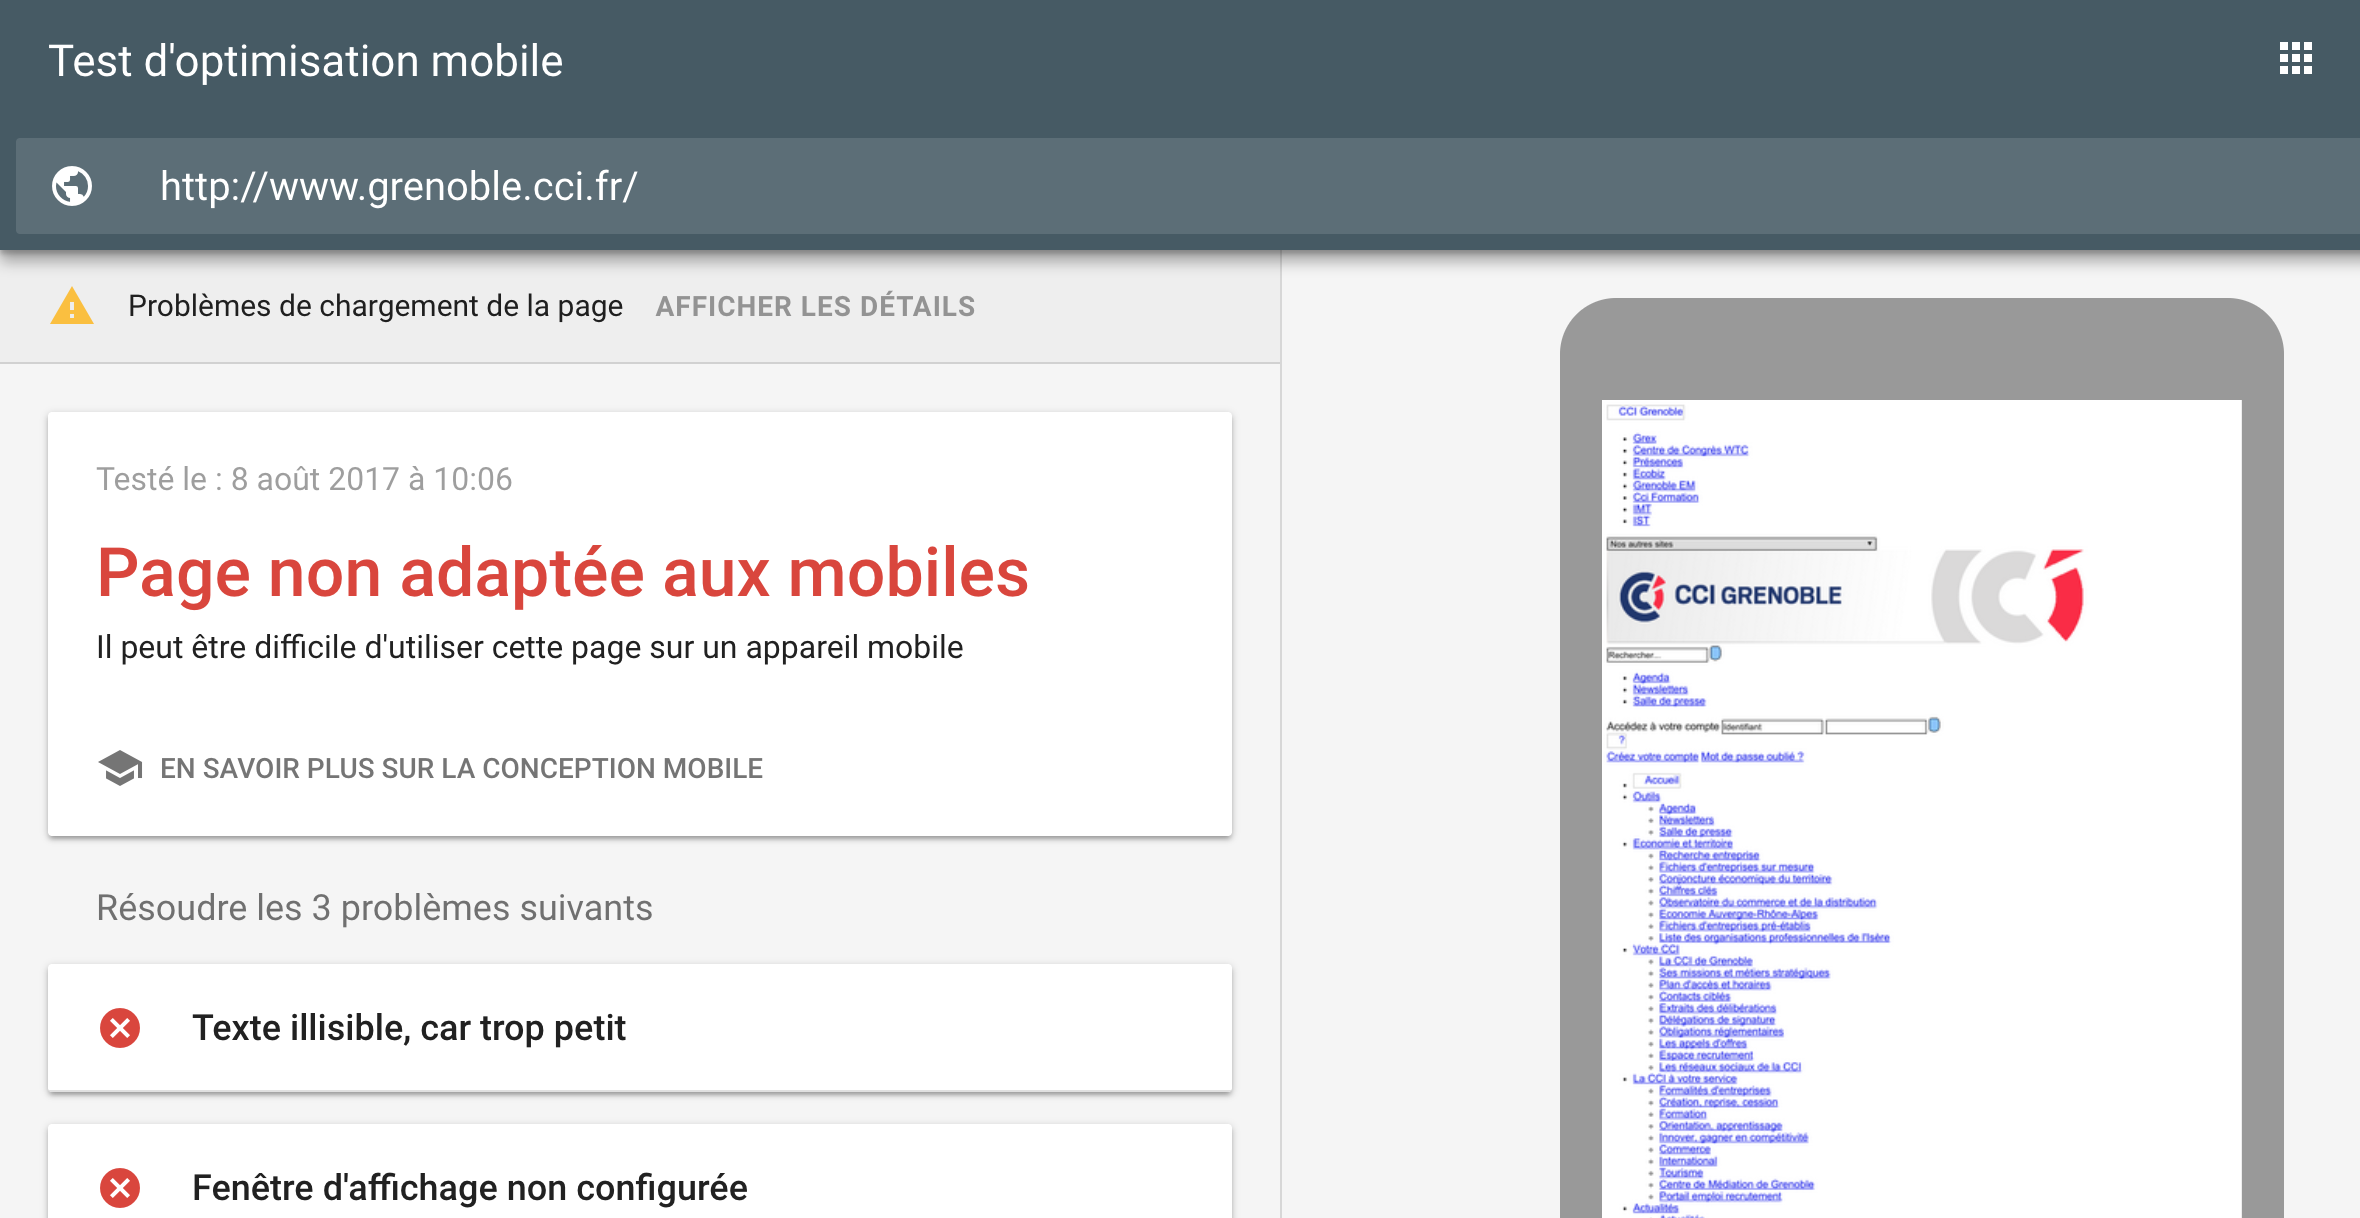 Test d'optimisation mobile de Google, résultats - site web adapté au mobile